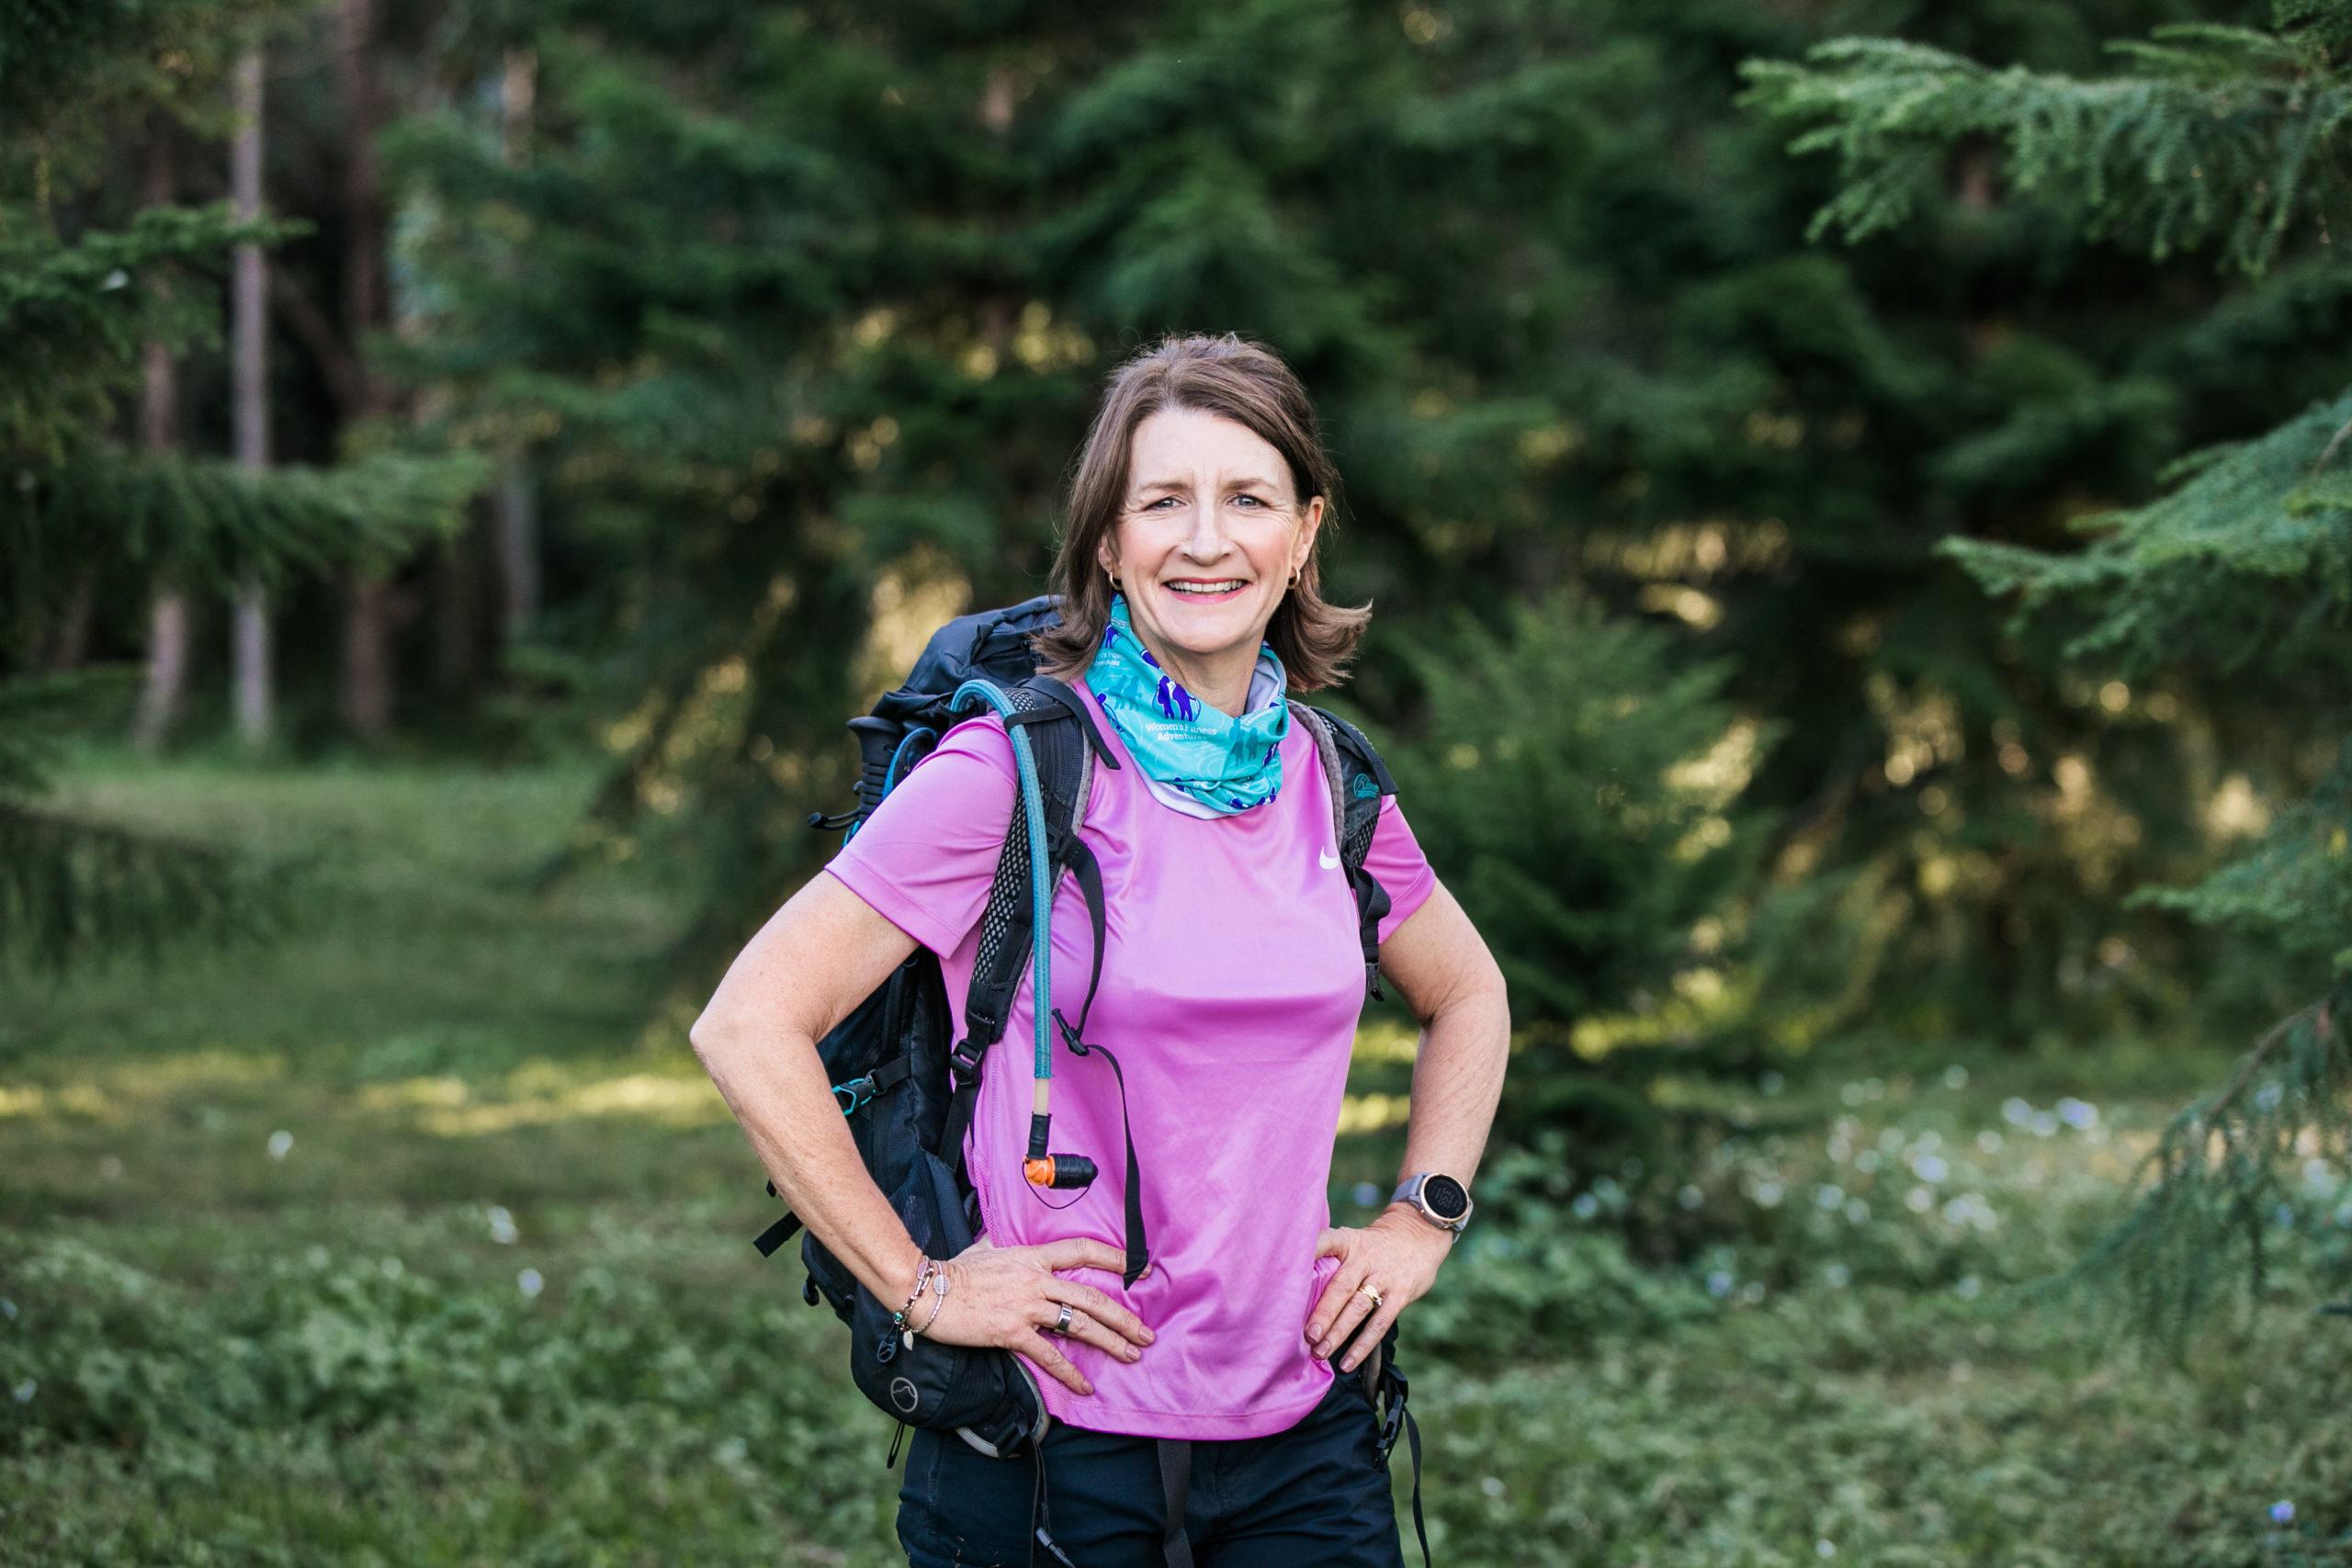 Yvonne Shepherd, CEO of Women's Fitness Adventures